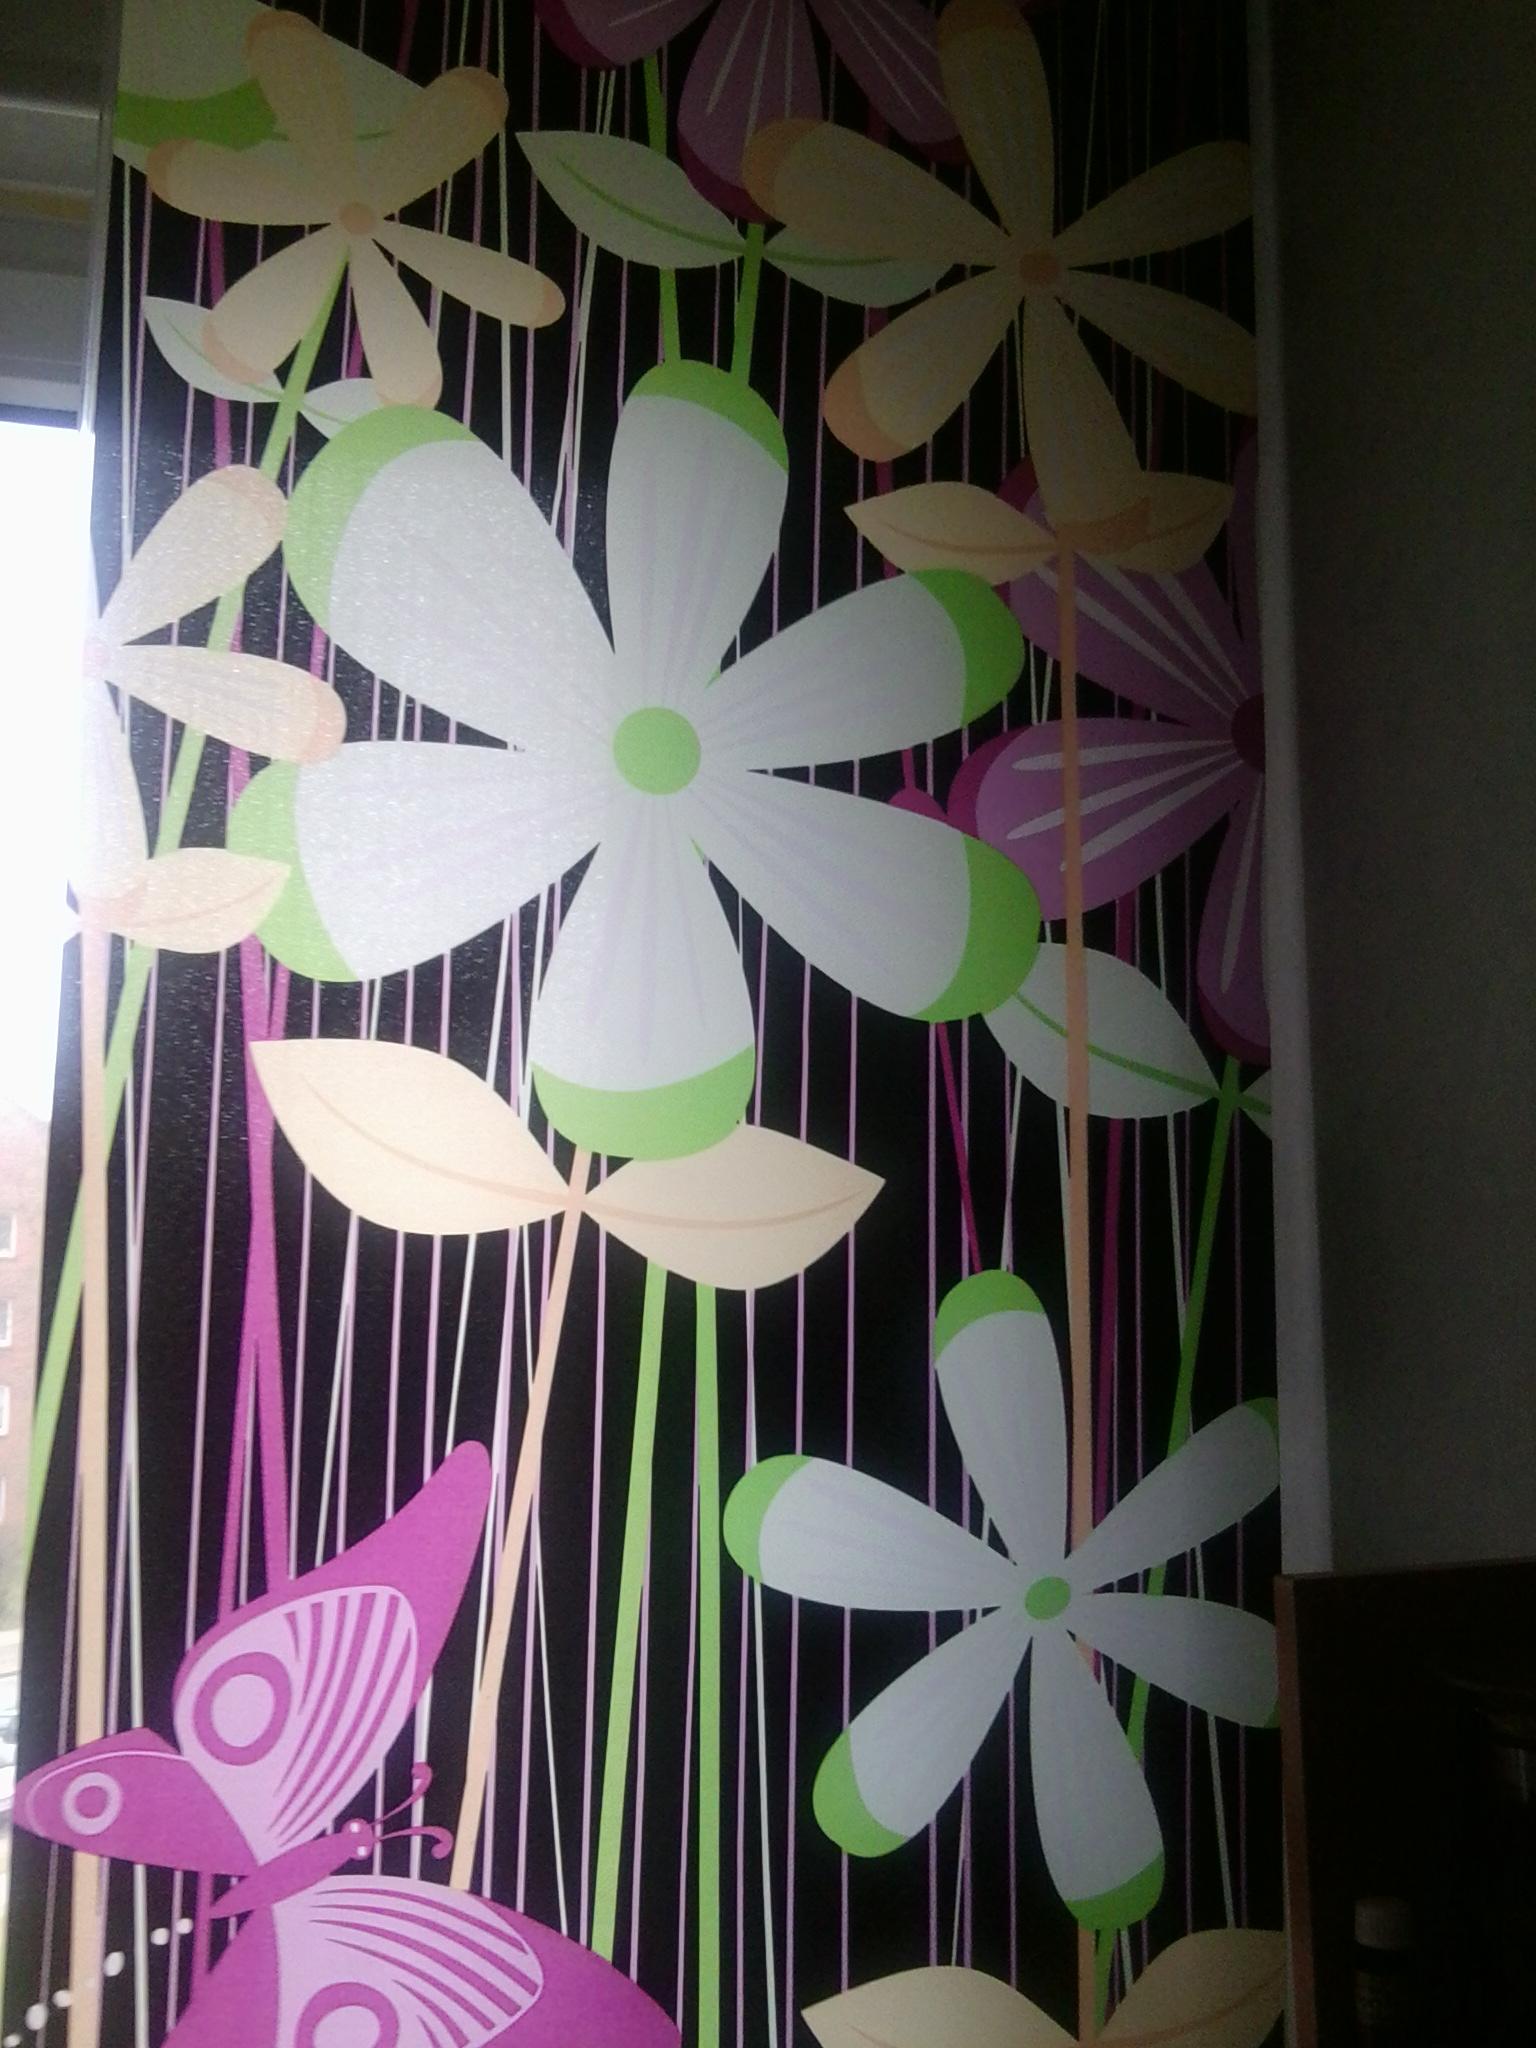 Zimmer malen (tipps, farbe, dekoration)